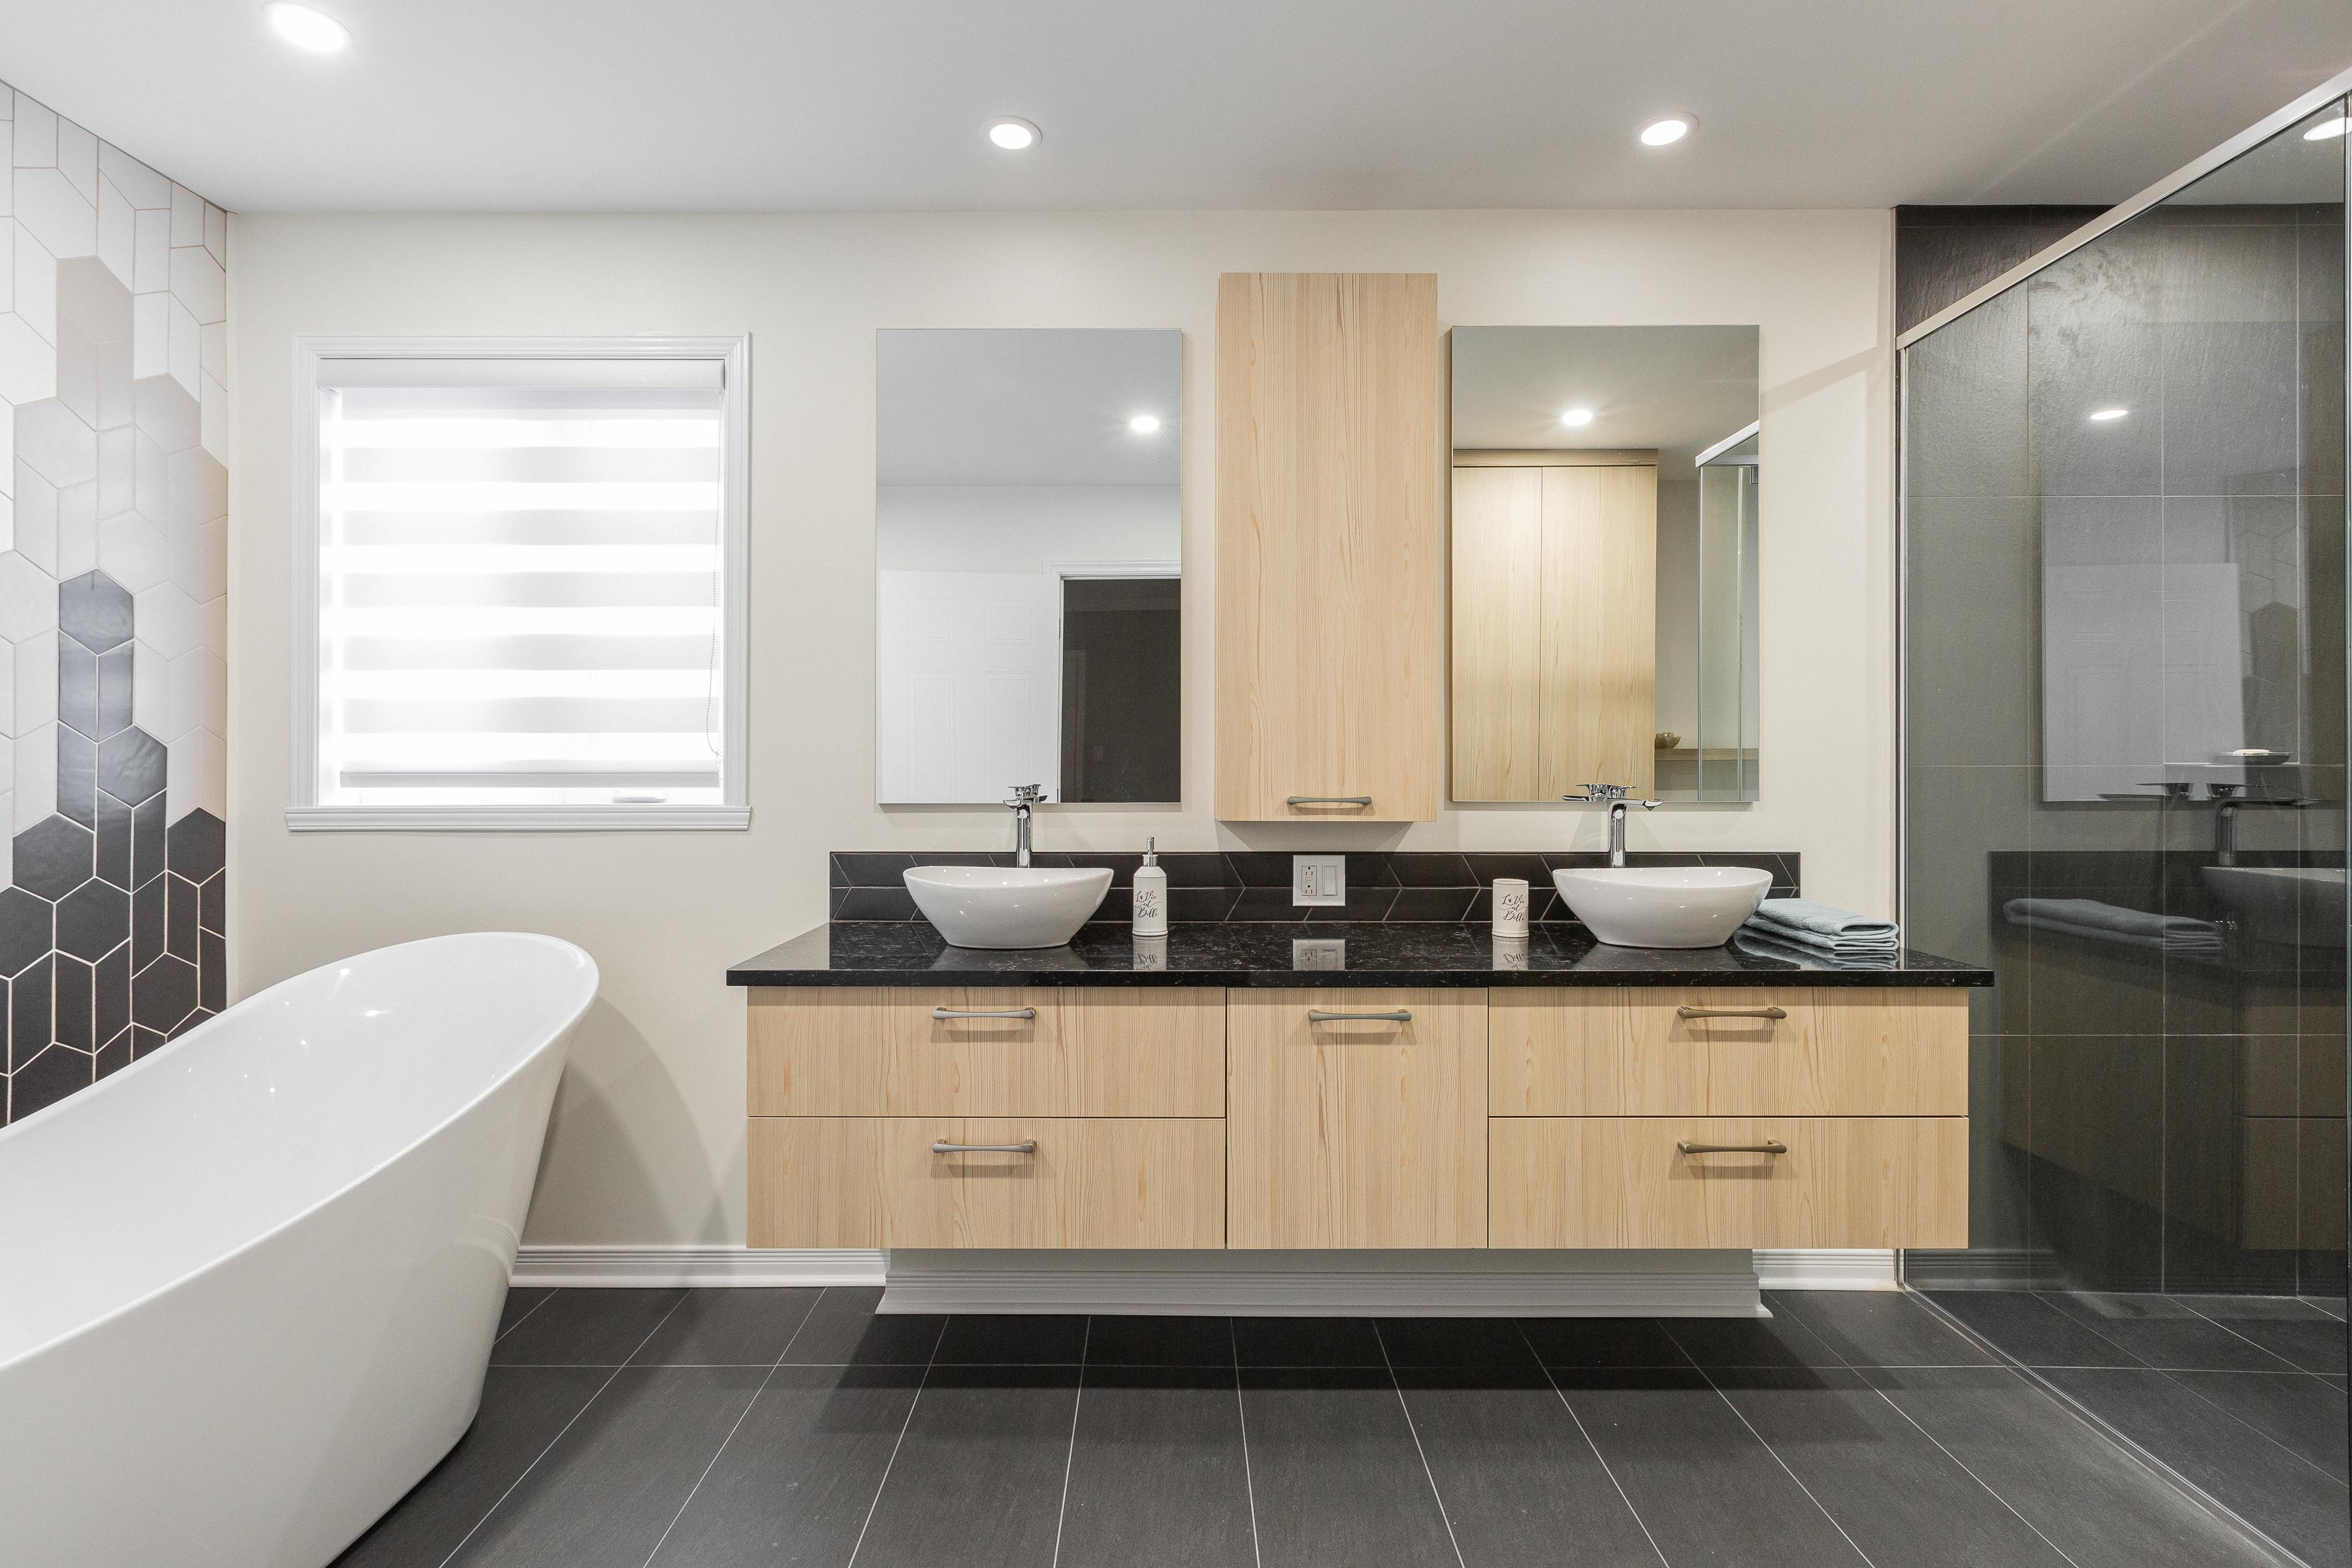 Belle salle de bain spacieuse aux couleurs harmonieuses dans un style très tendance